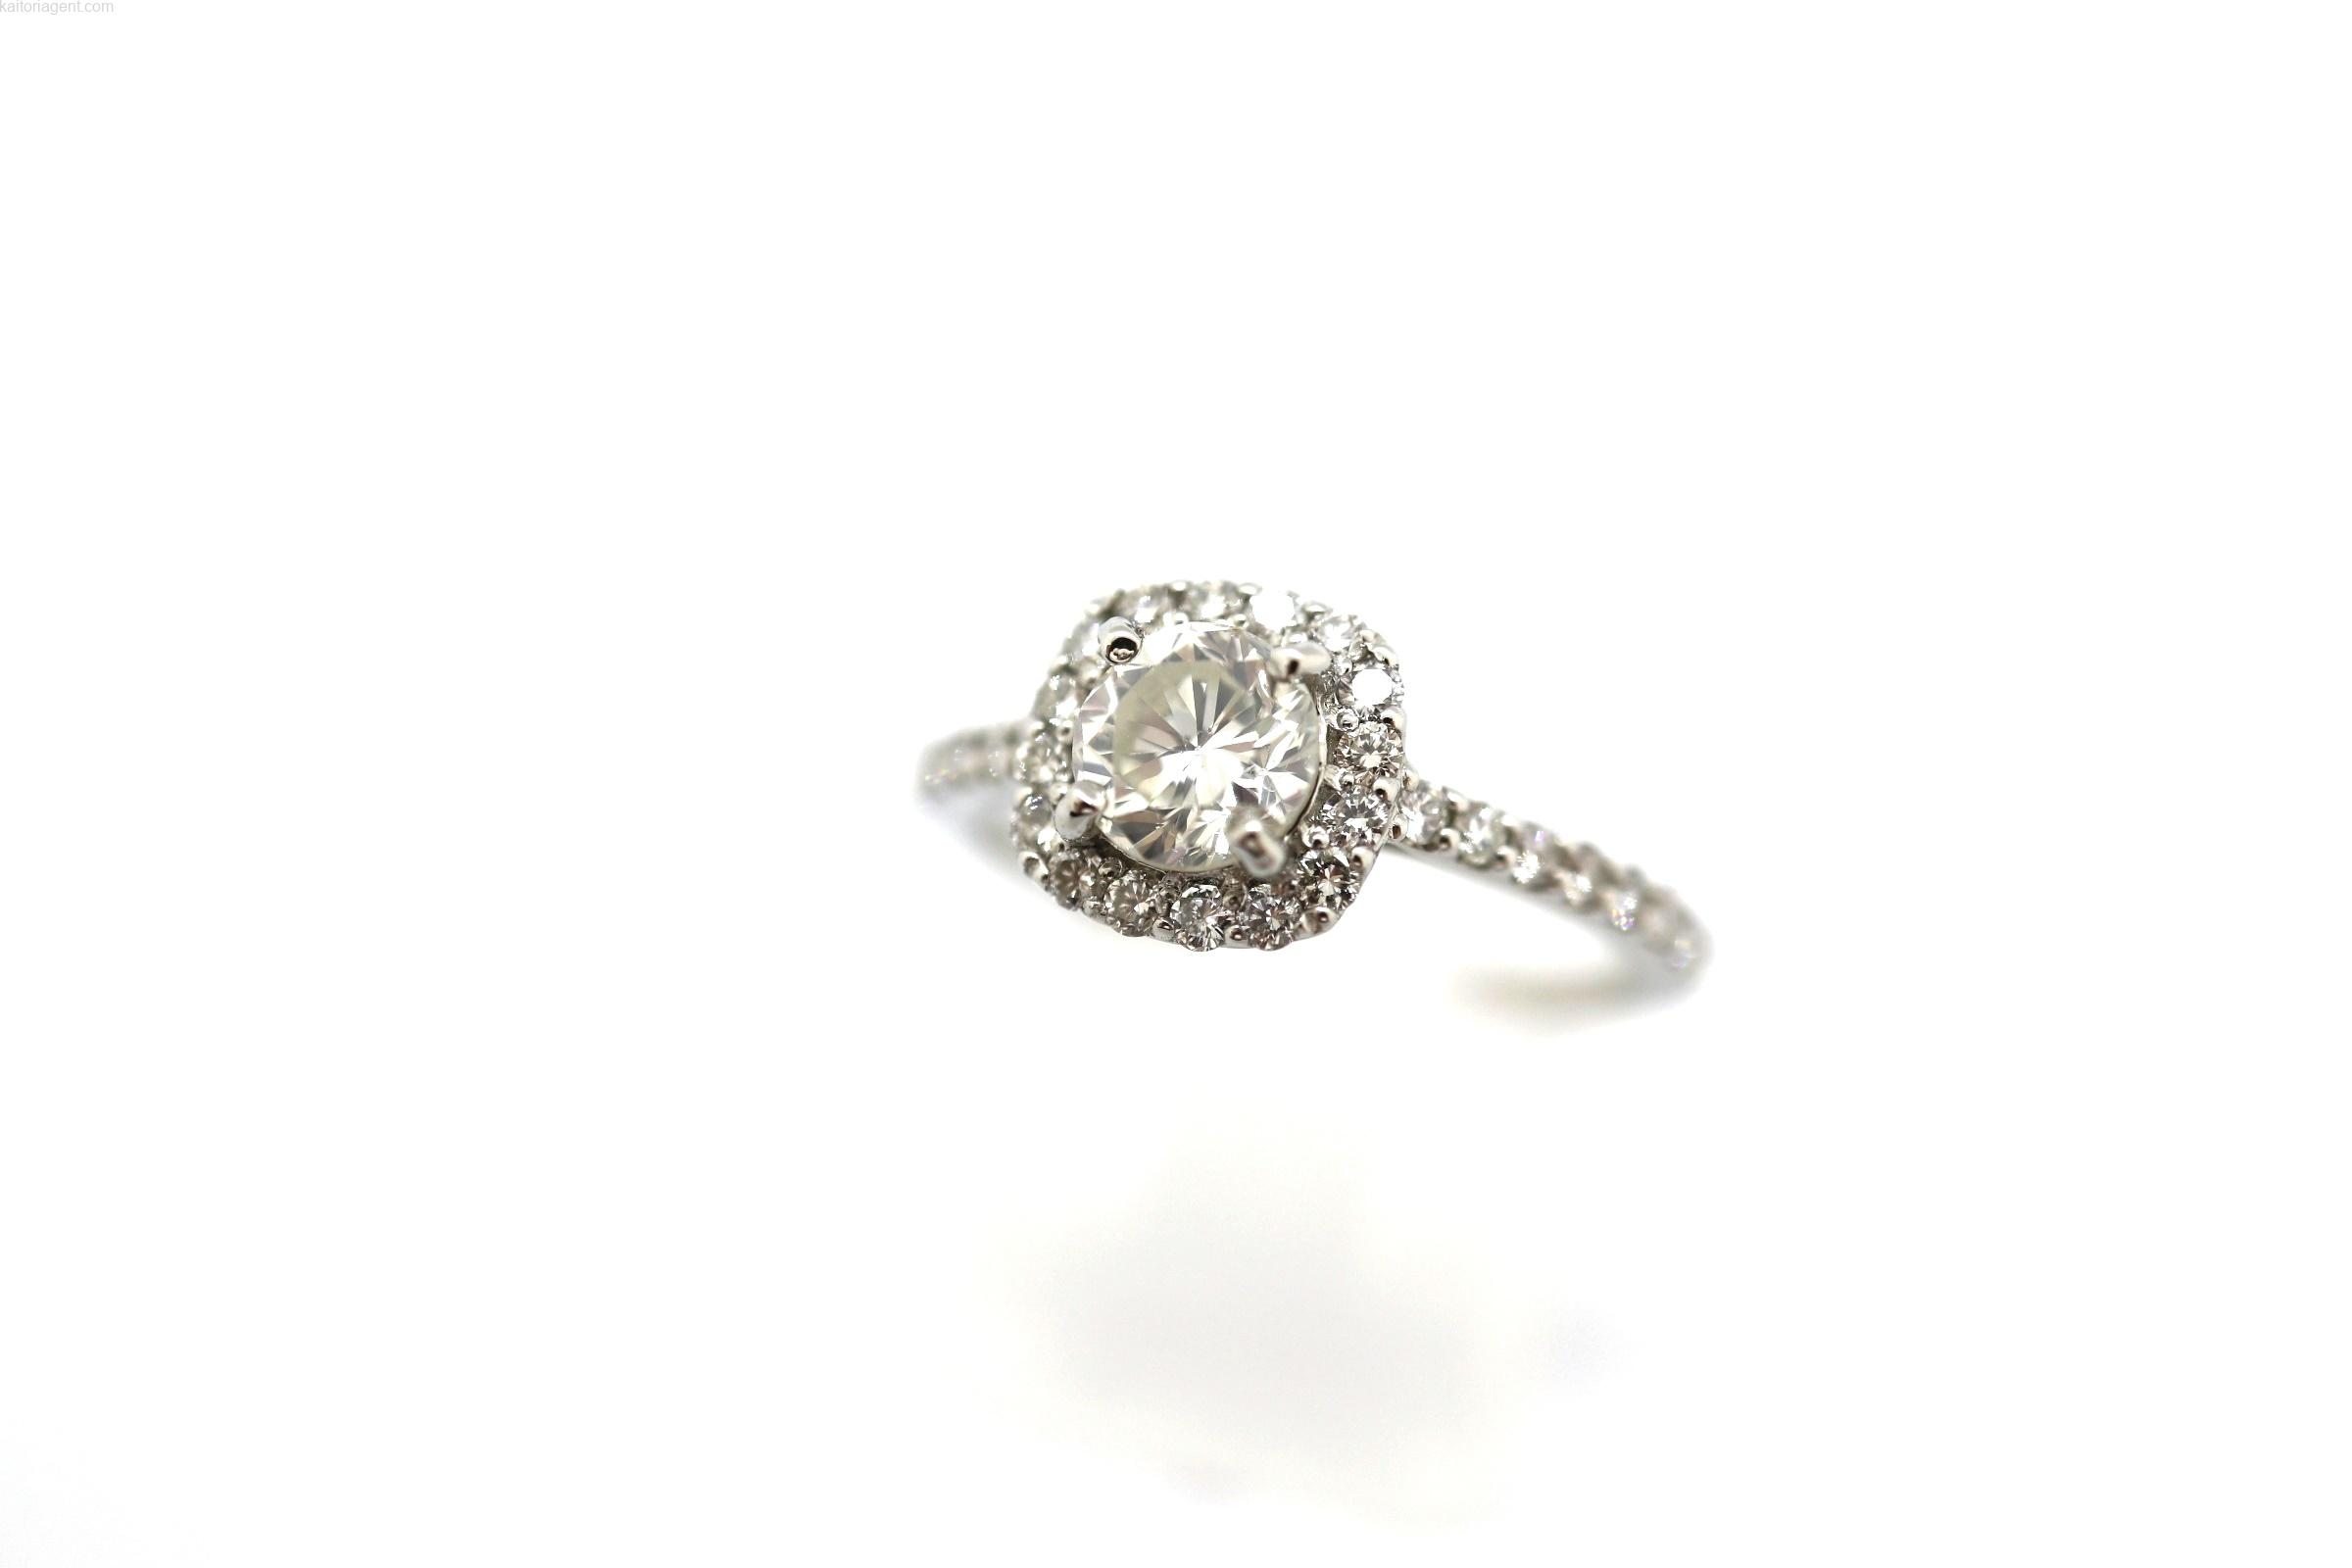 【素材】プラチナ 【主石】ダイヤモンド 【形状】リング…の画像